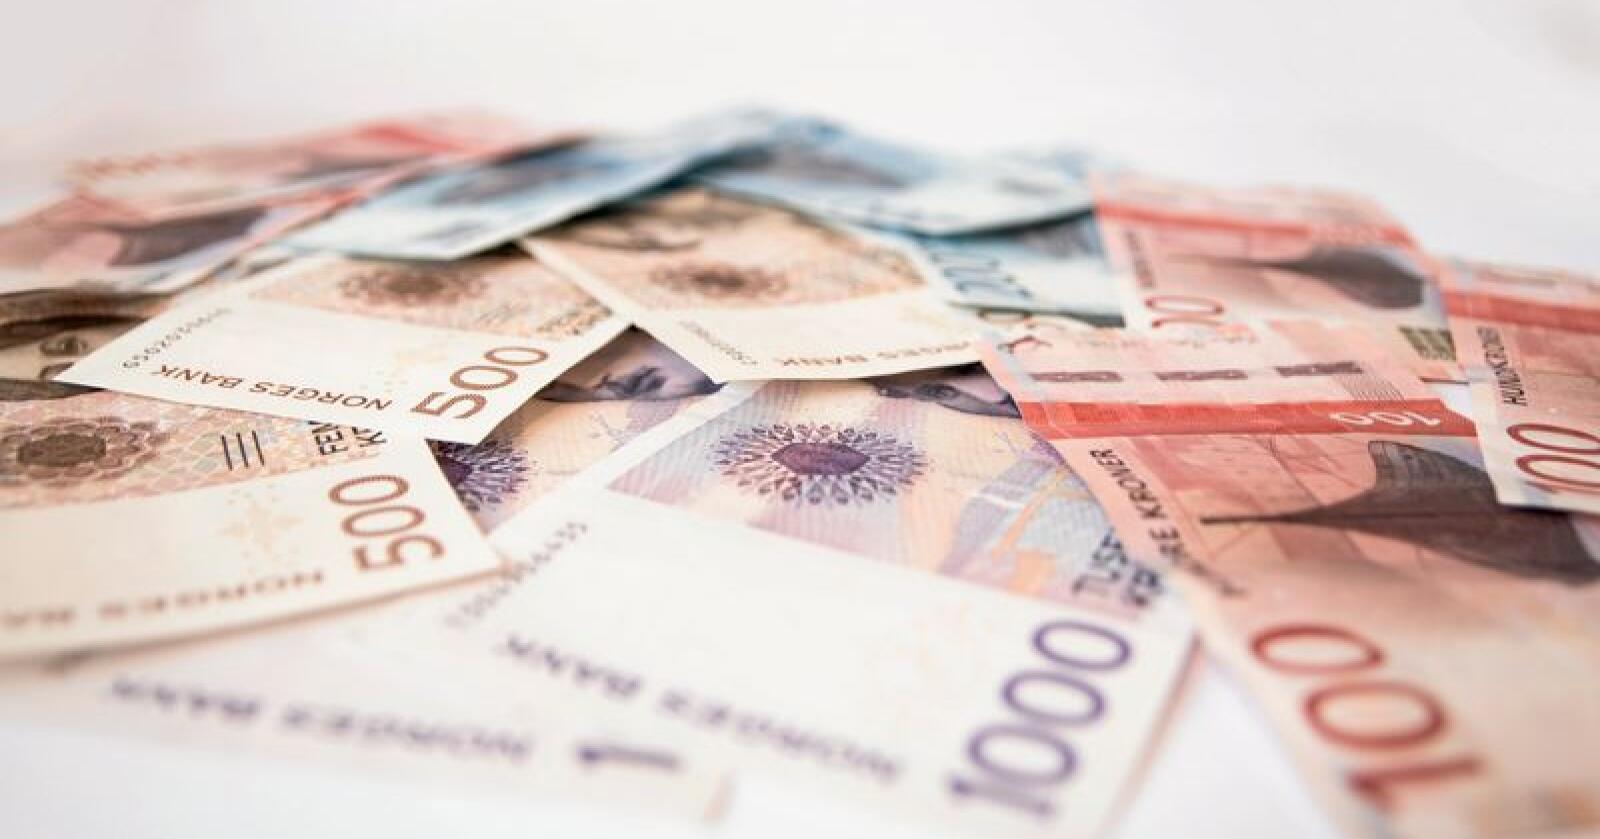 Det er oppdaget feil i skattemeldingen, som kan gi konsekvenser for skatteutregningen.  Foto: Mostphotos